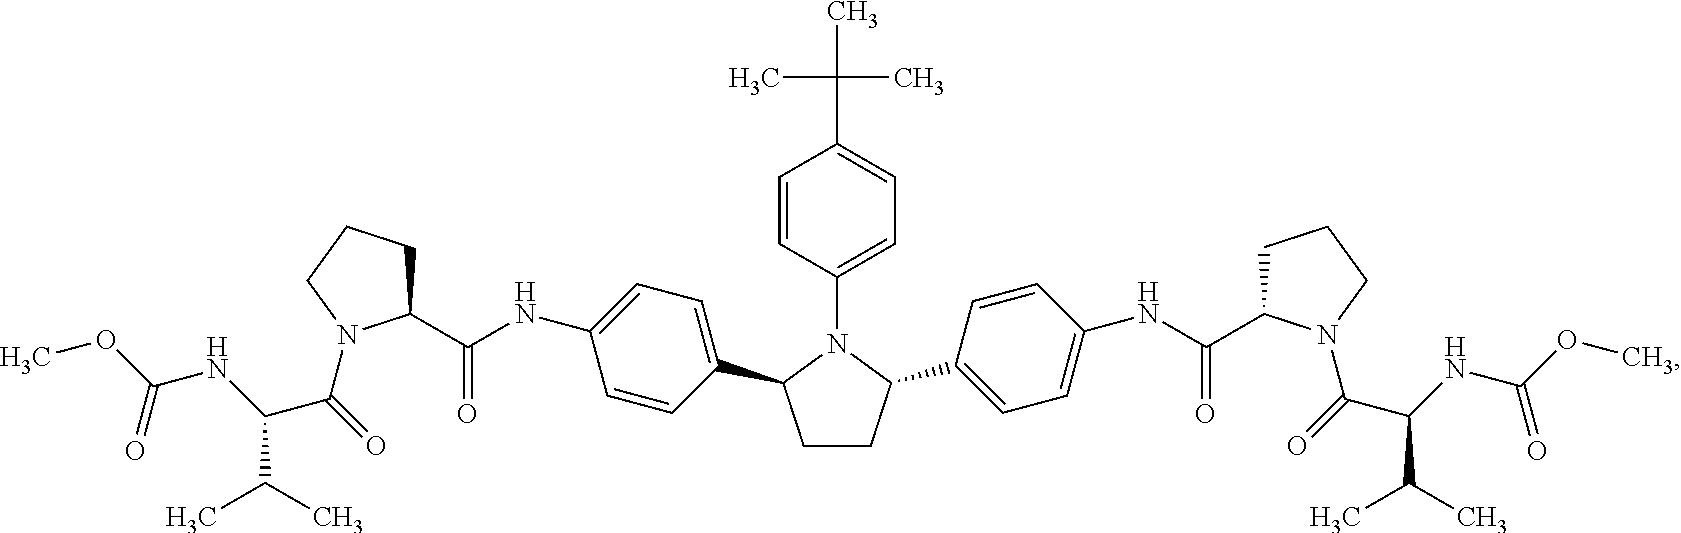 Figure US09333204-20160510-C00006